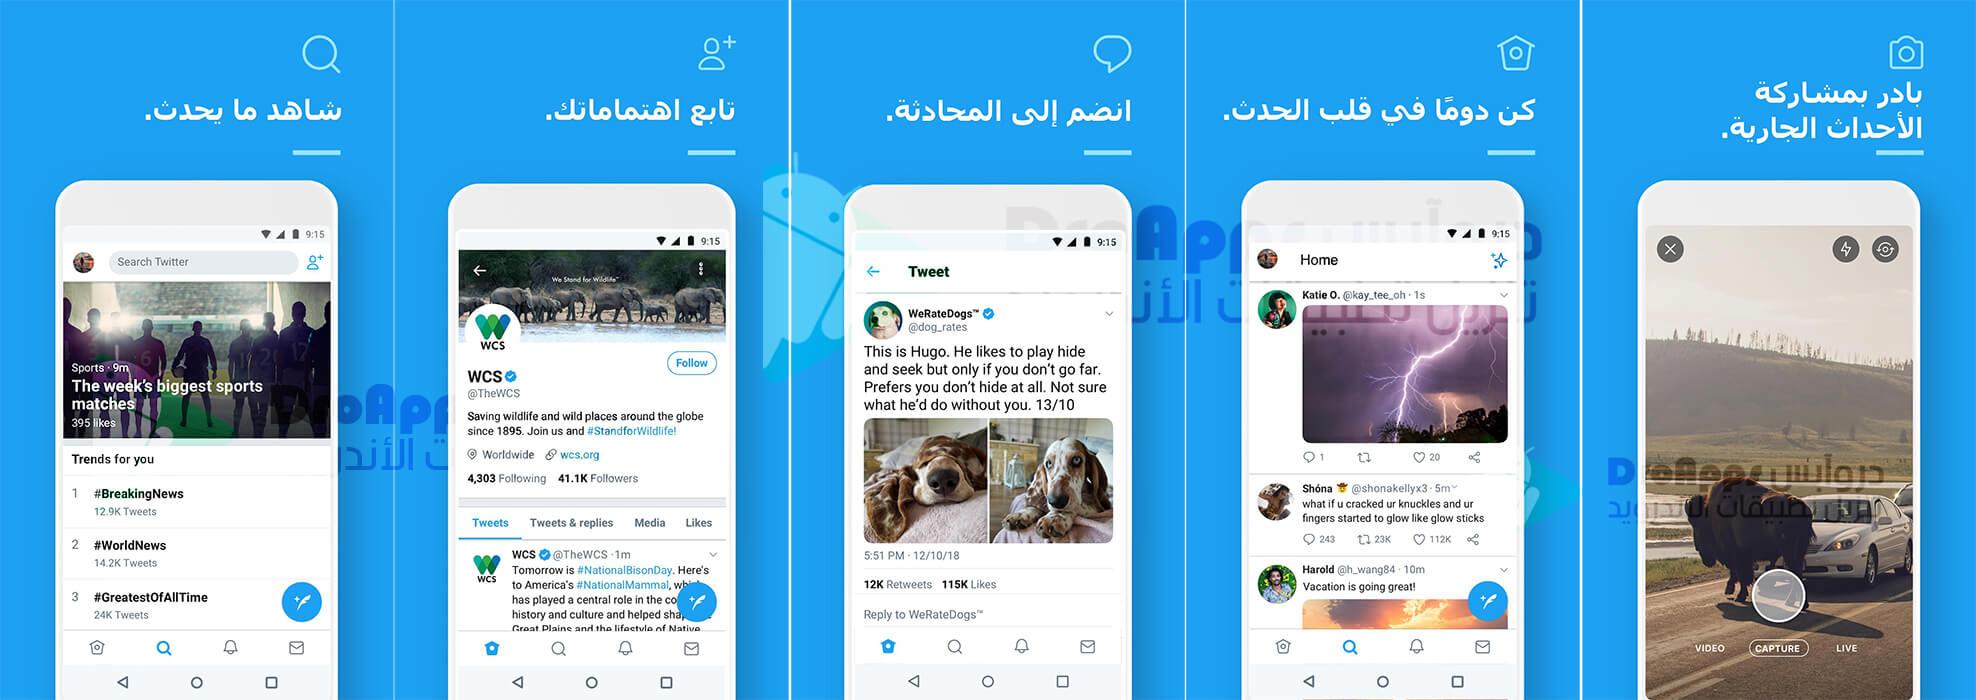 لقطات شاشة لتطبيق تويتر Twitter 2021